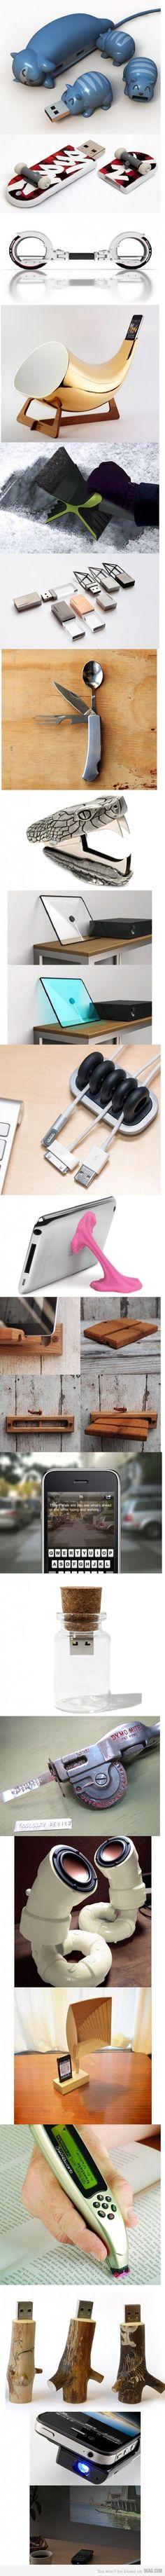 I heard you like gadgets ;)